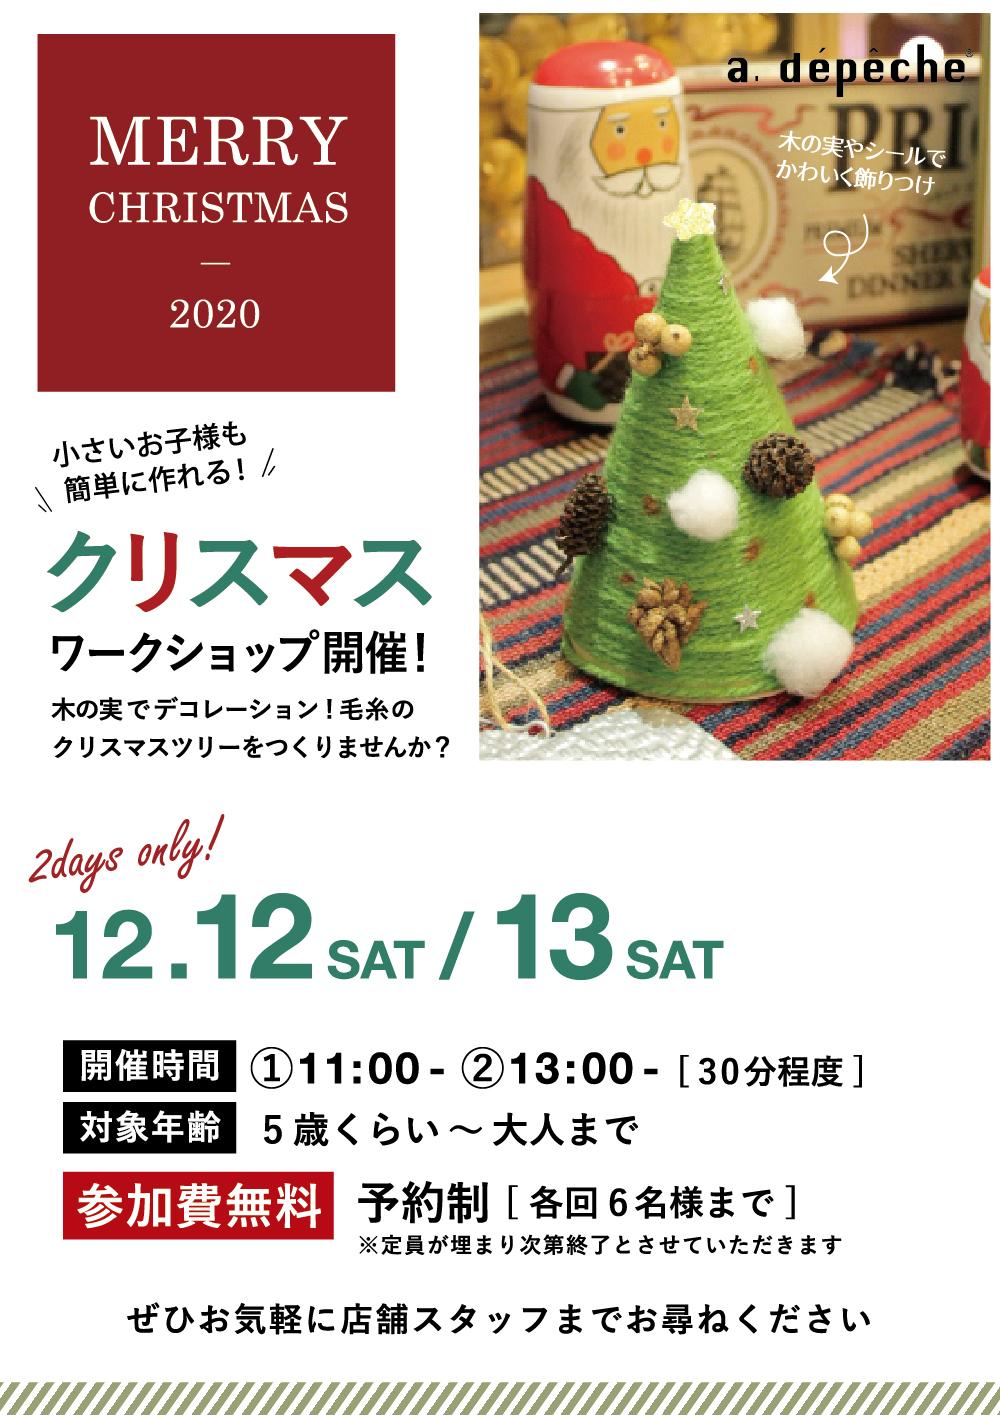 手作りクリスマスツリー!ワークショップ開催